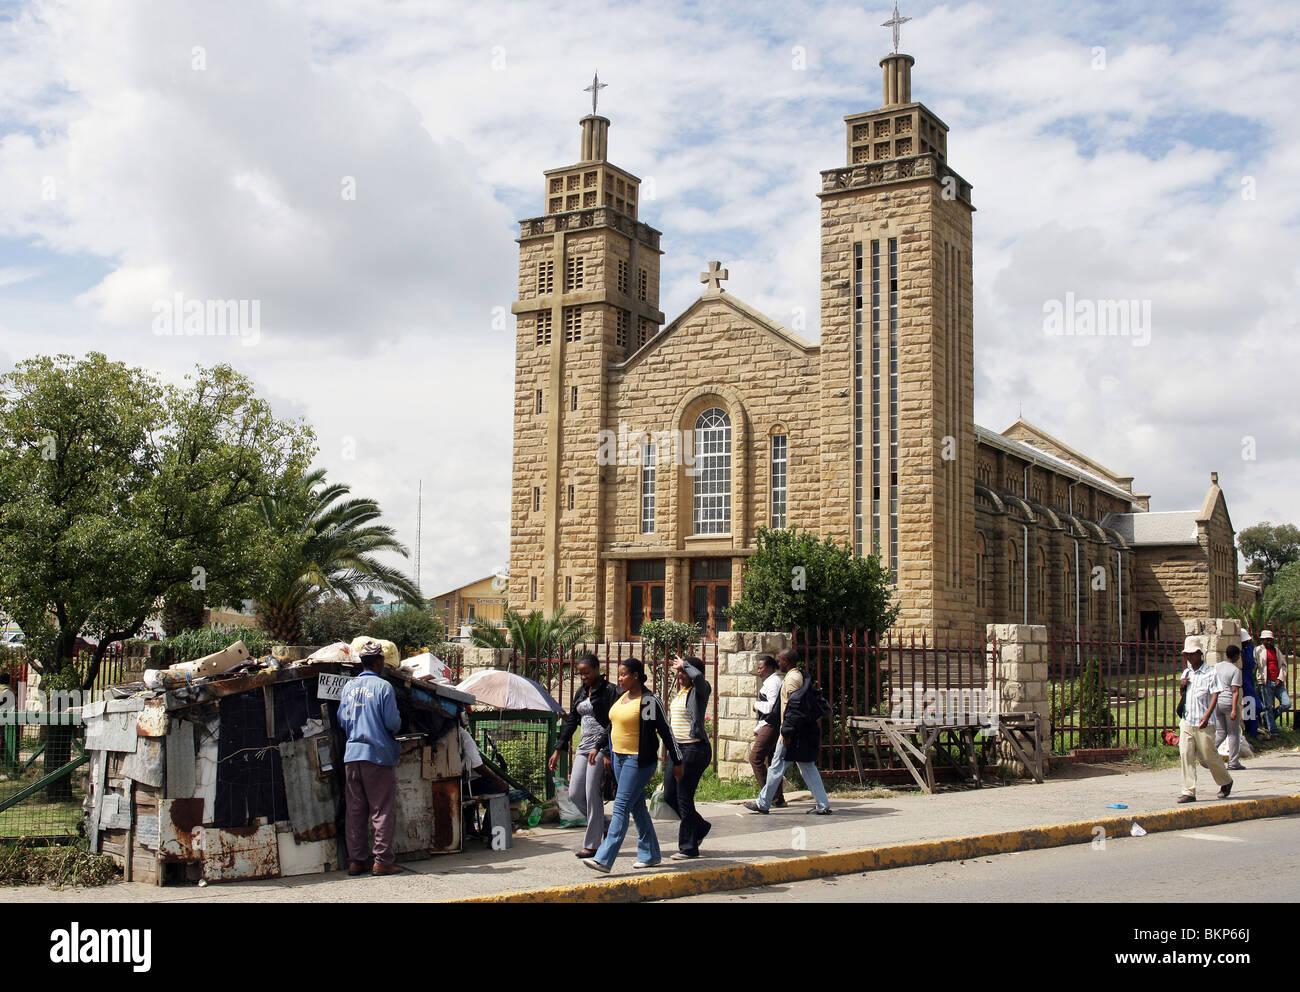 roman catholic Cathedral in Maseru, Capital of Lesotho - Stock Image